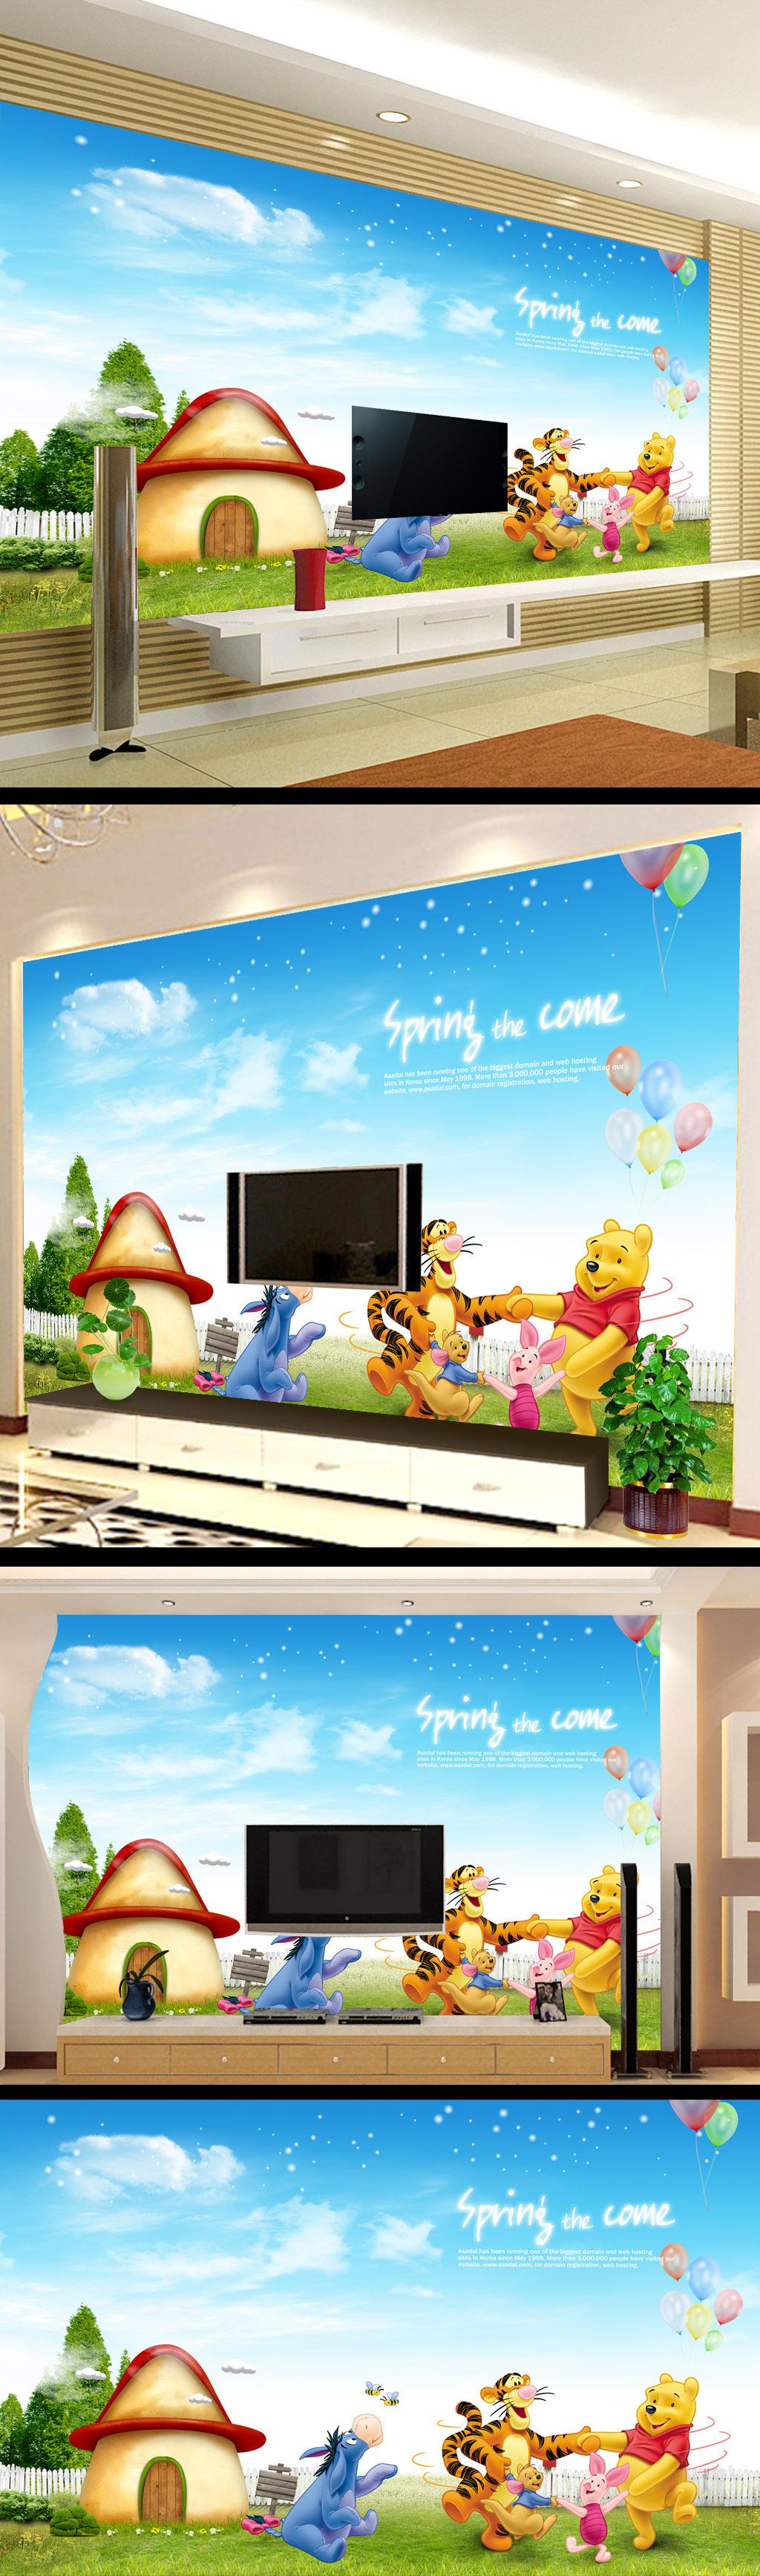 动物世界儿童卡通画电视背景墙设计